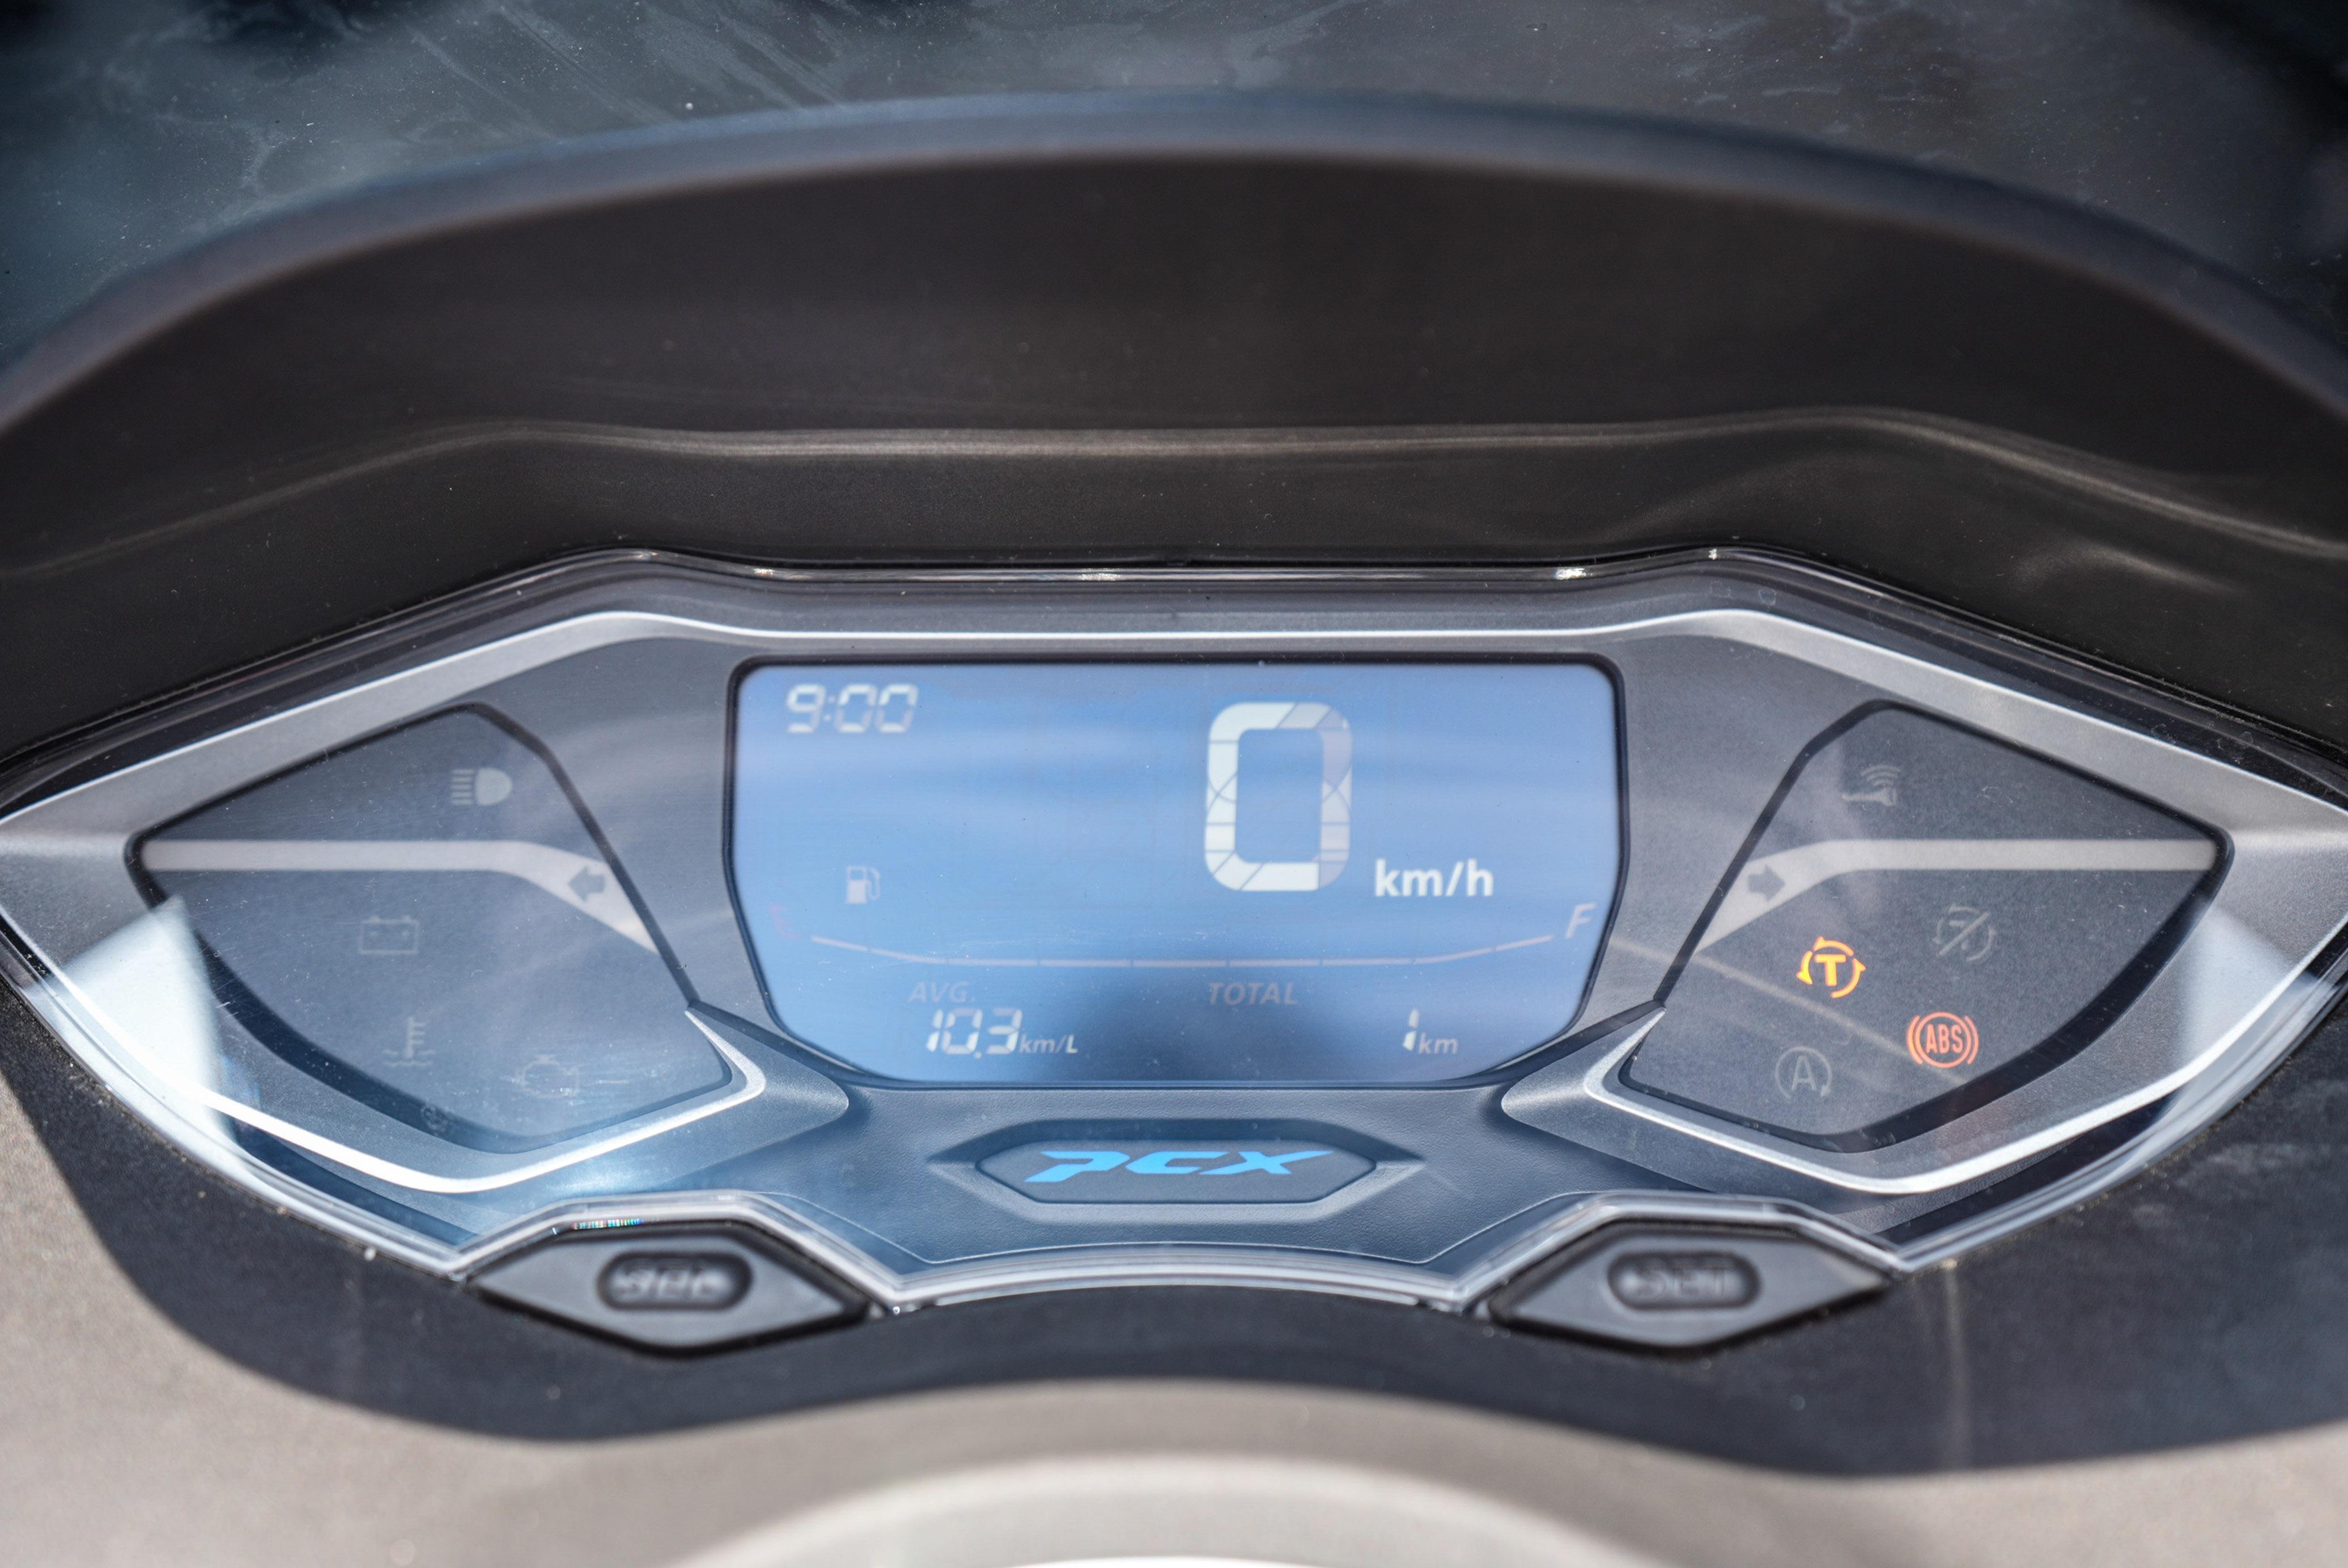 xe-Honda PCX-160-gia-88-trieu-dong-03